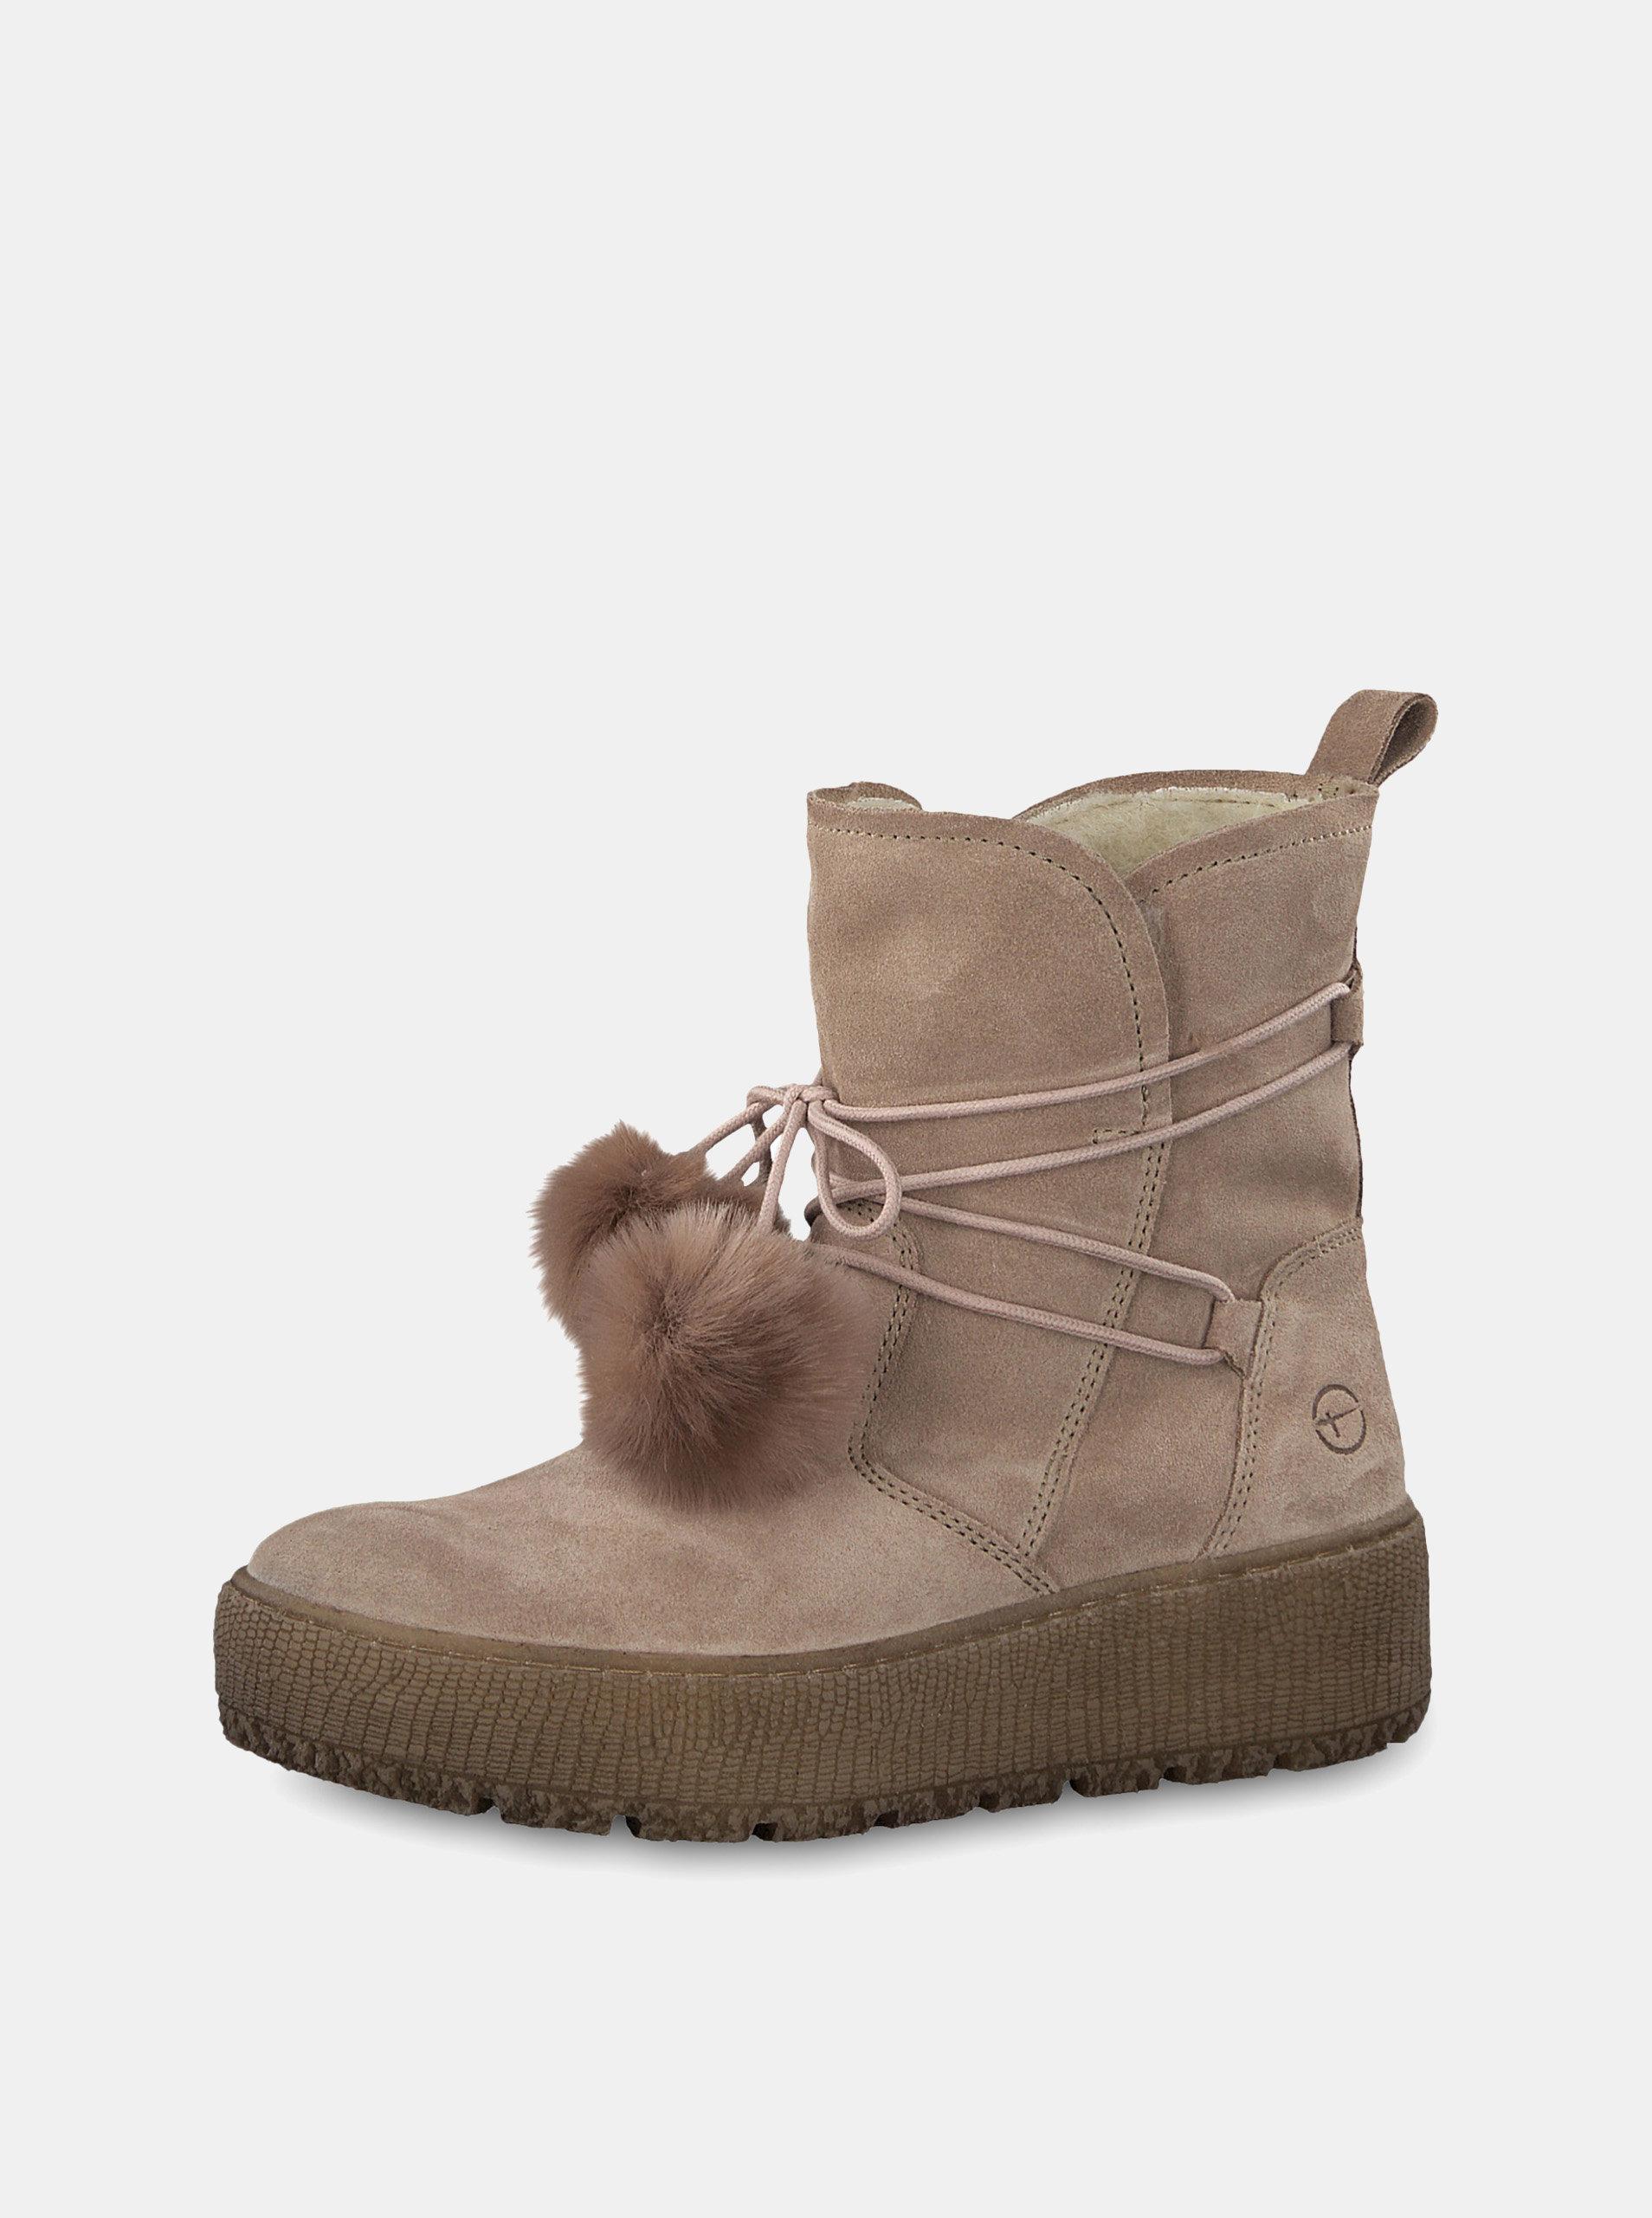 8c335f2e964 Béžové semišové kotníkové zimní boty na platformě Tamaris ...